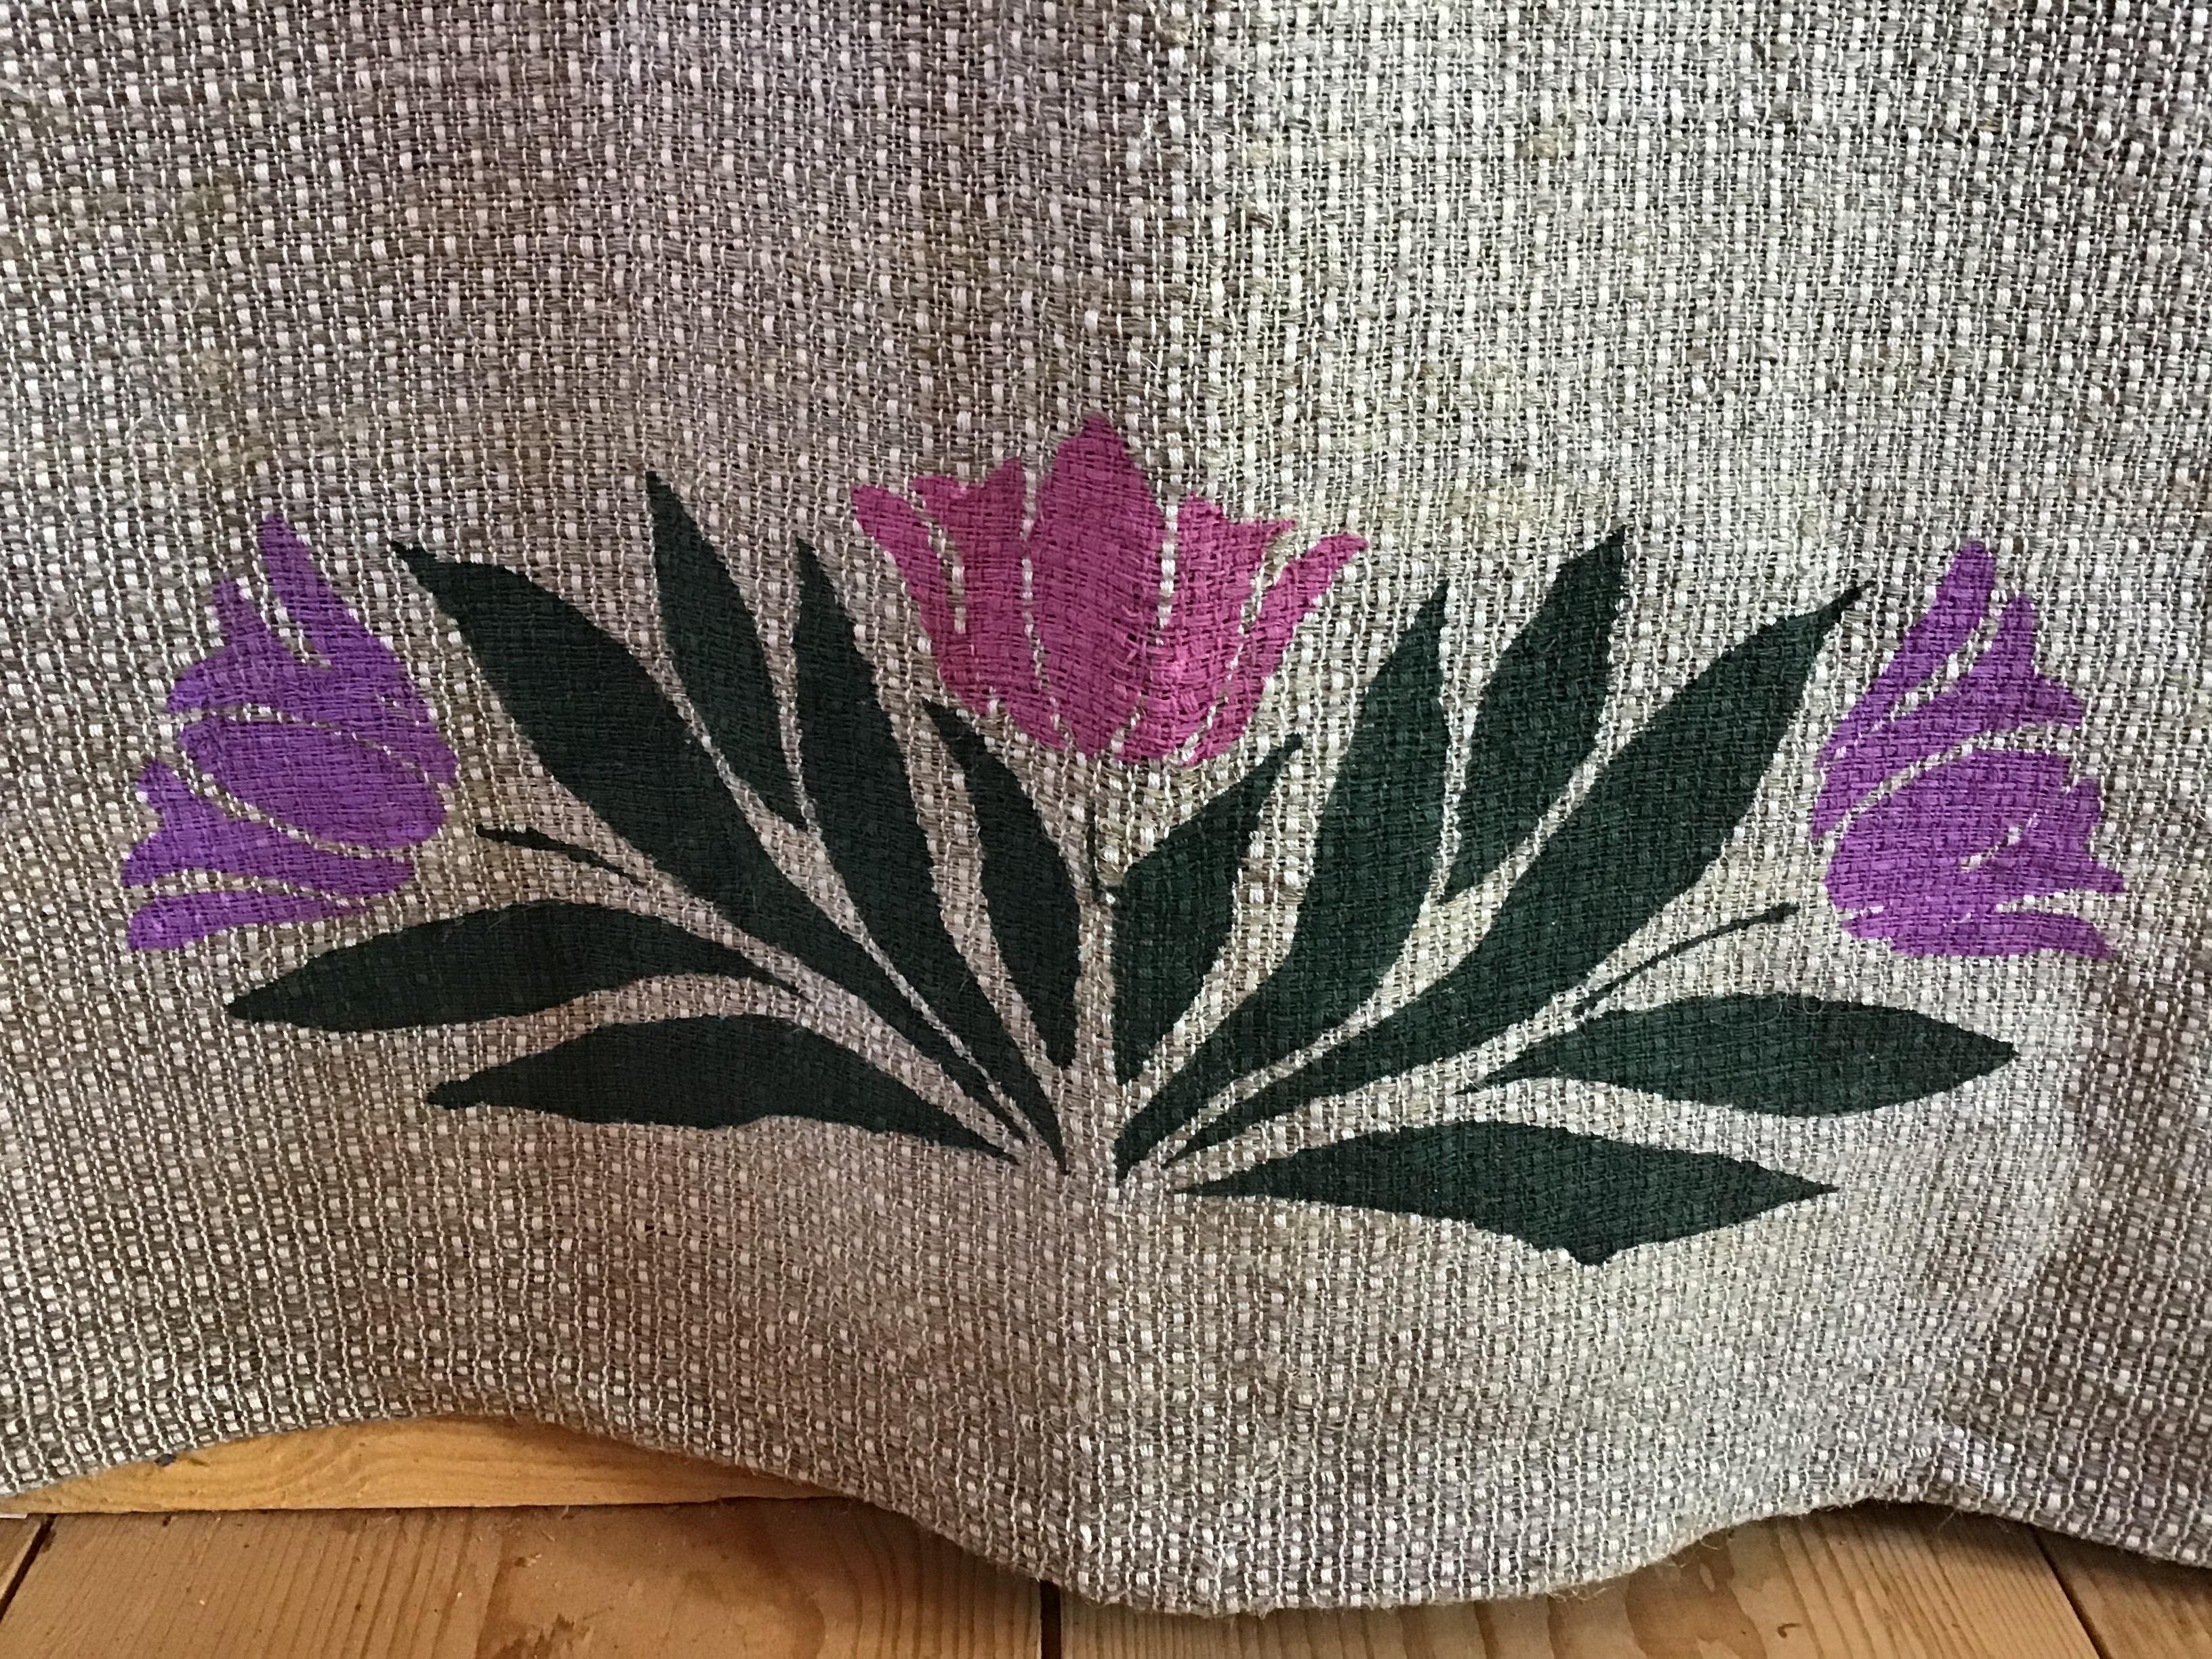 Det är en av de 6 gardiner jag har vävd till min vävstuga .Inslaget är av lin som jag har odlad, berett och spunnit själv. På skolan har jag gjort en schablon av plast och sedan tryckt tulpaner på den med en svamp. mönstret i väven är Engelsk tuskaft